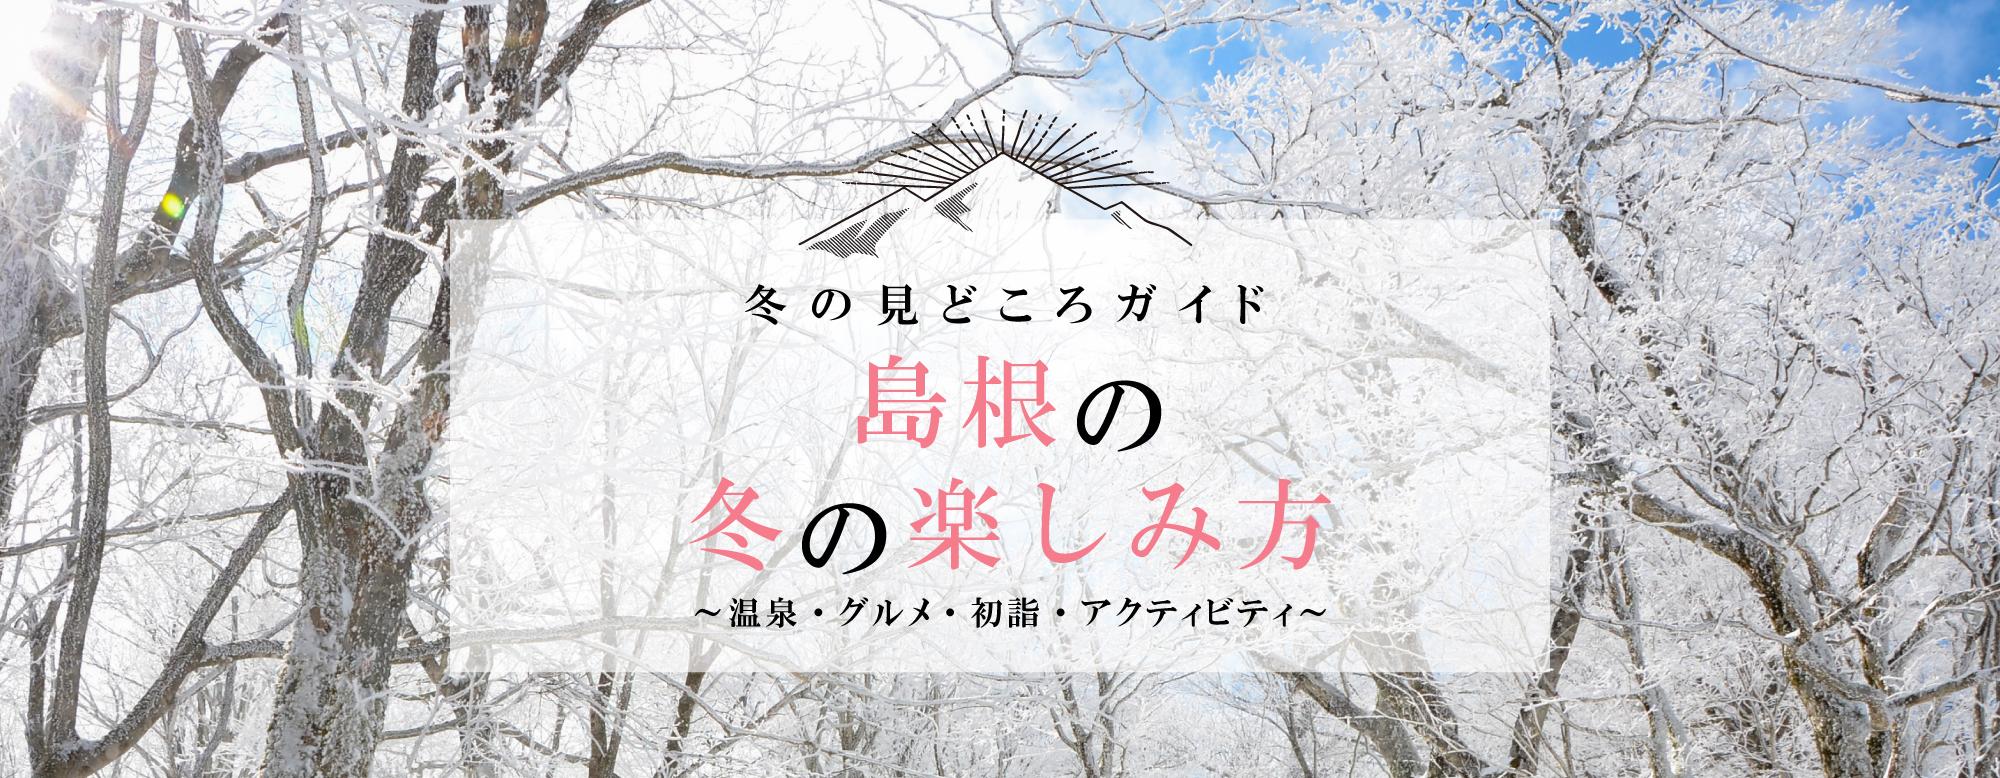 島根の冬の楽しみ方